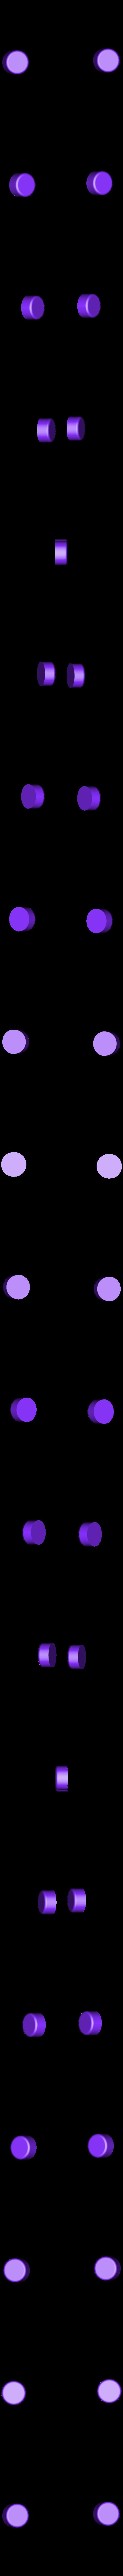 Pupil.stl Download free STL file Halloween Glow in the dark wall/door hanger (Skelton) • 3D print object, Pongo